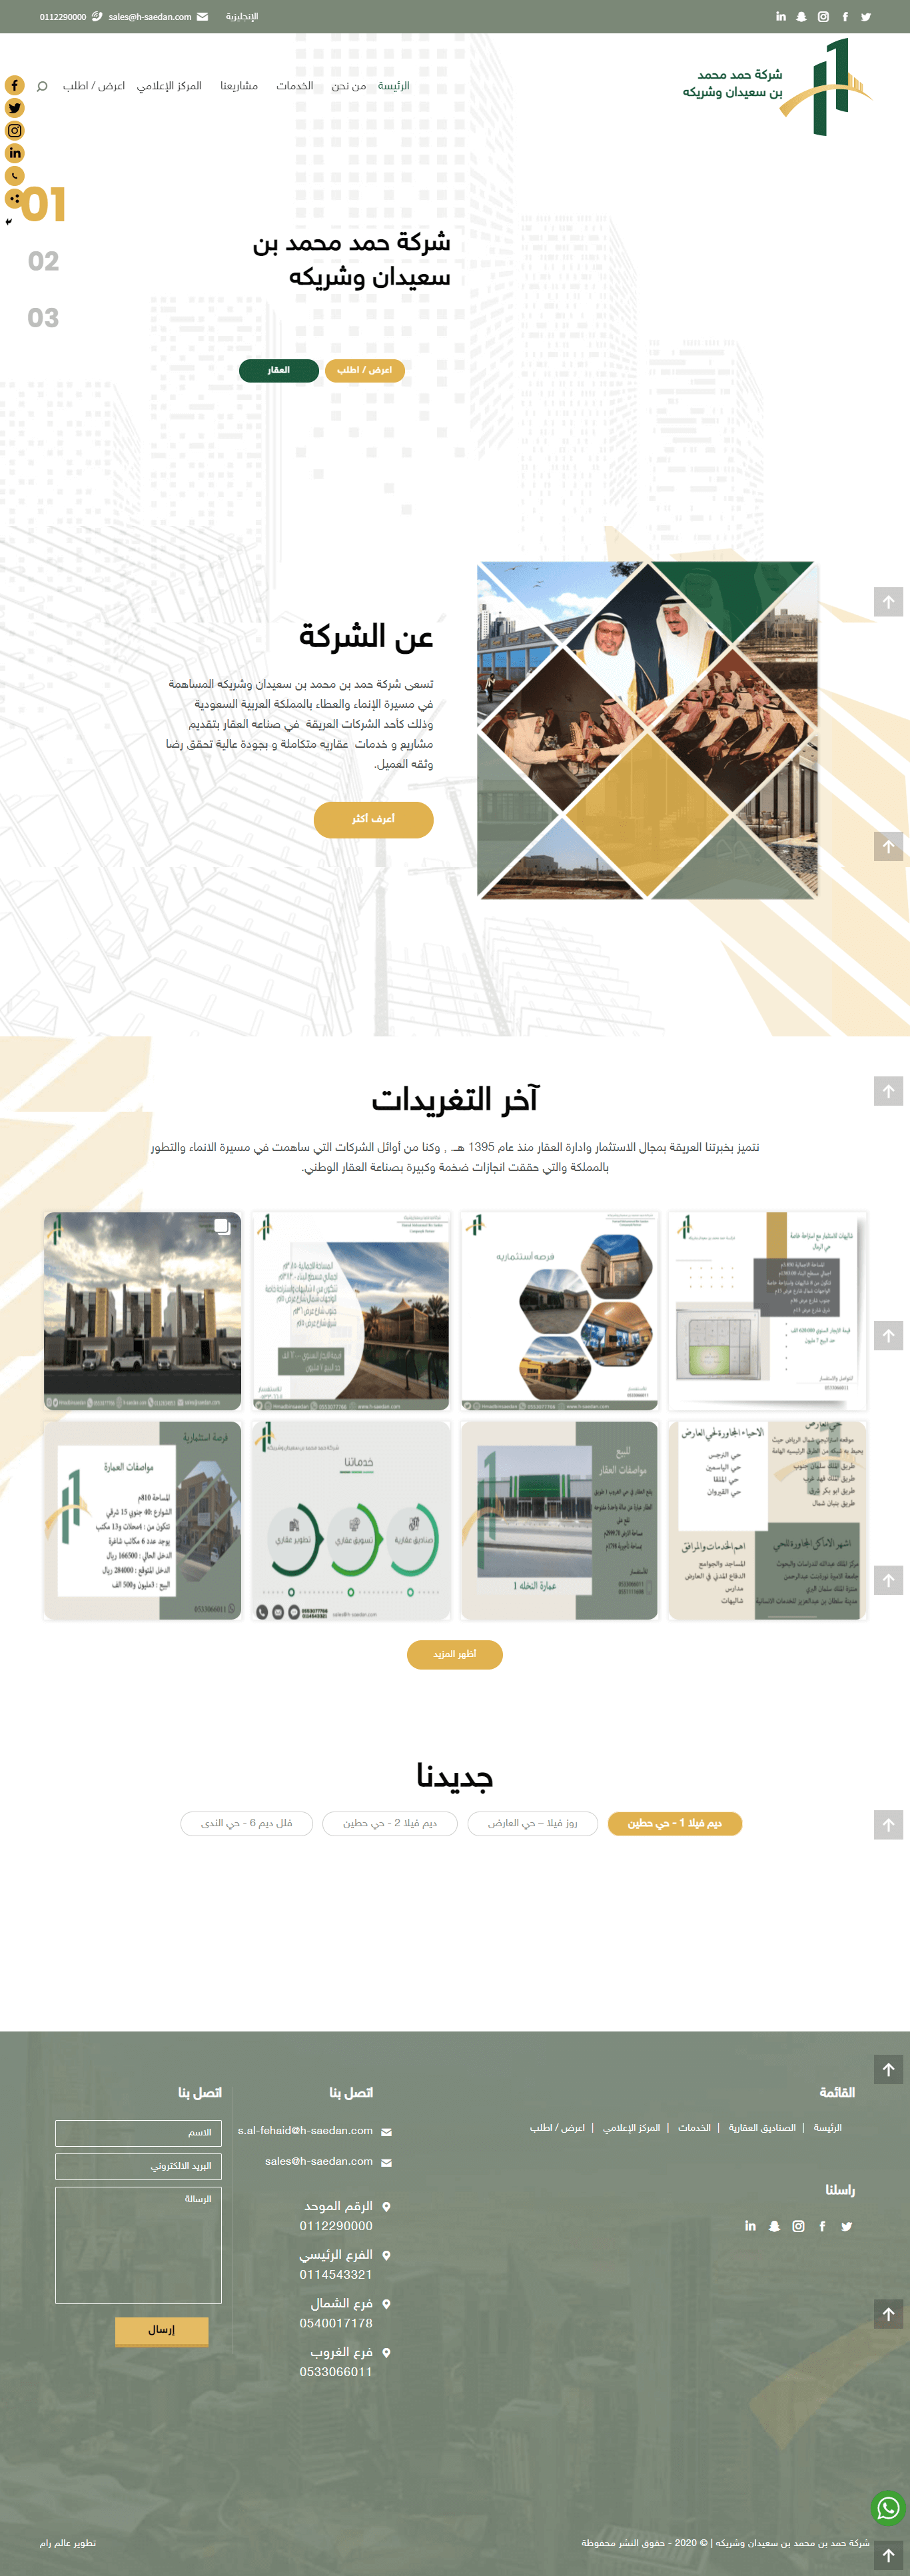 تطوير نظام ادارة محتوى شركة حمد بن سعيدان للعقارات